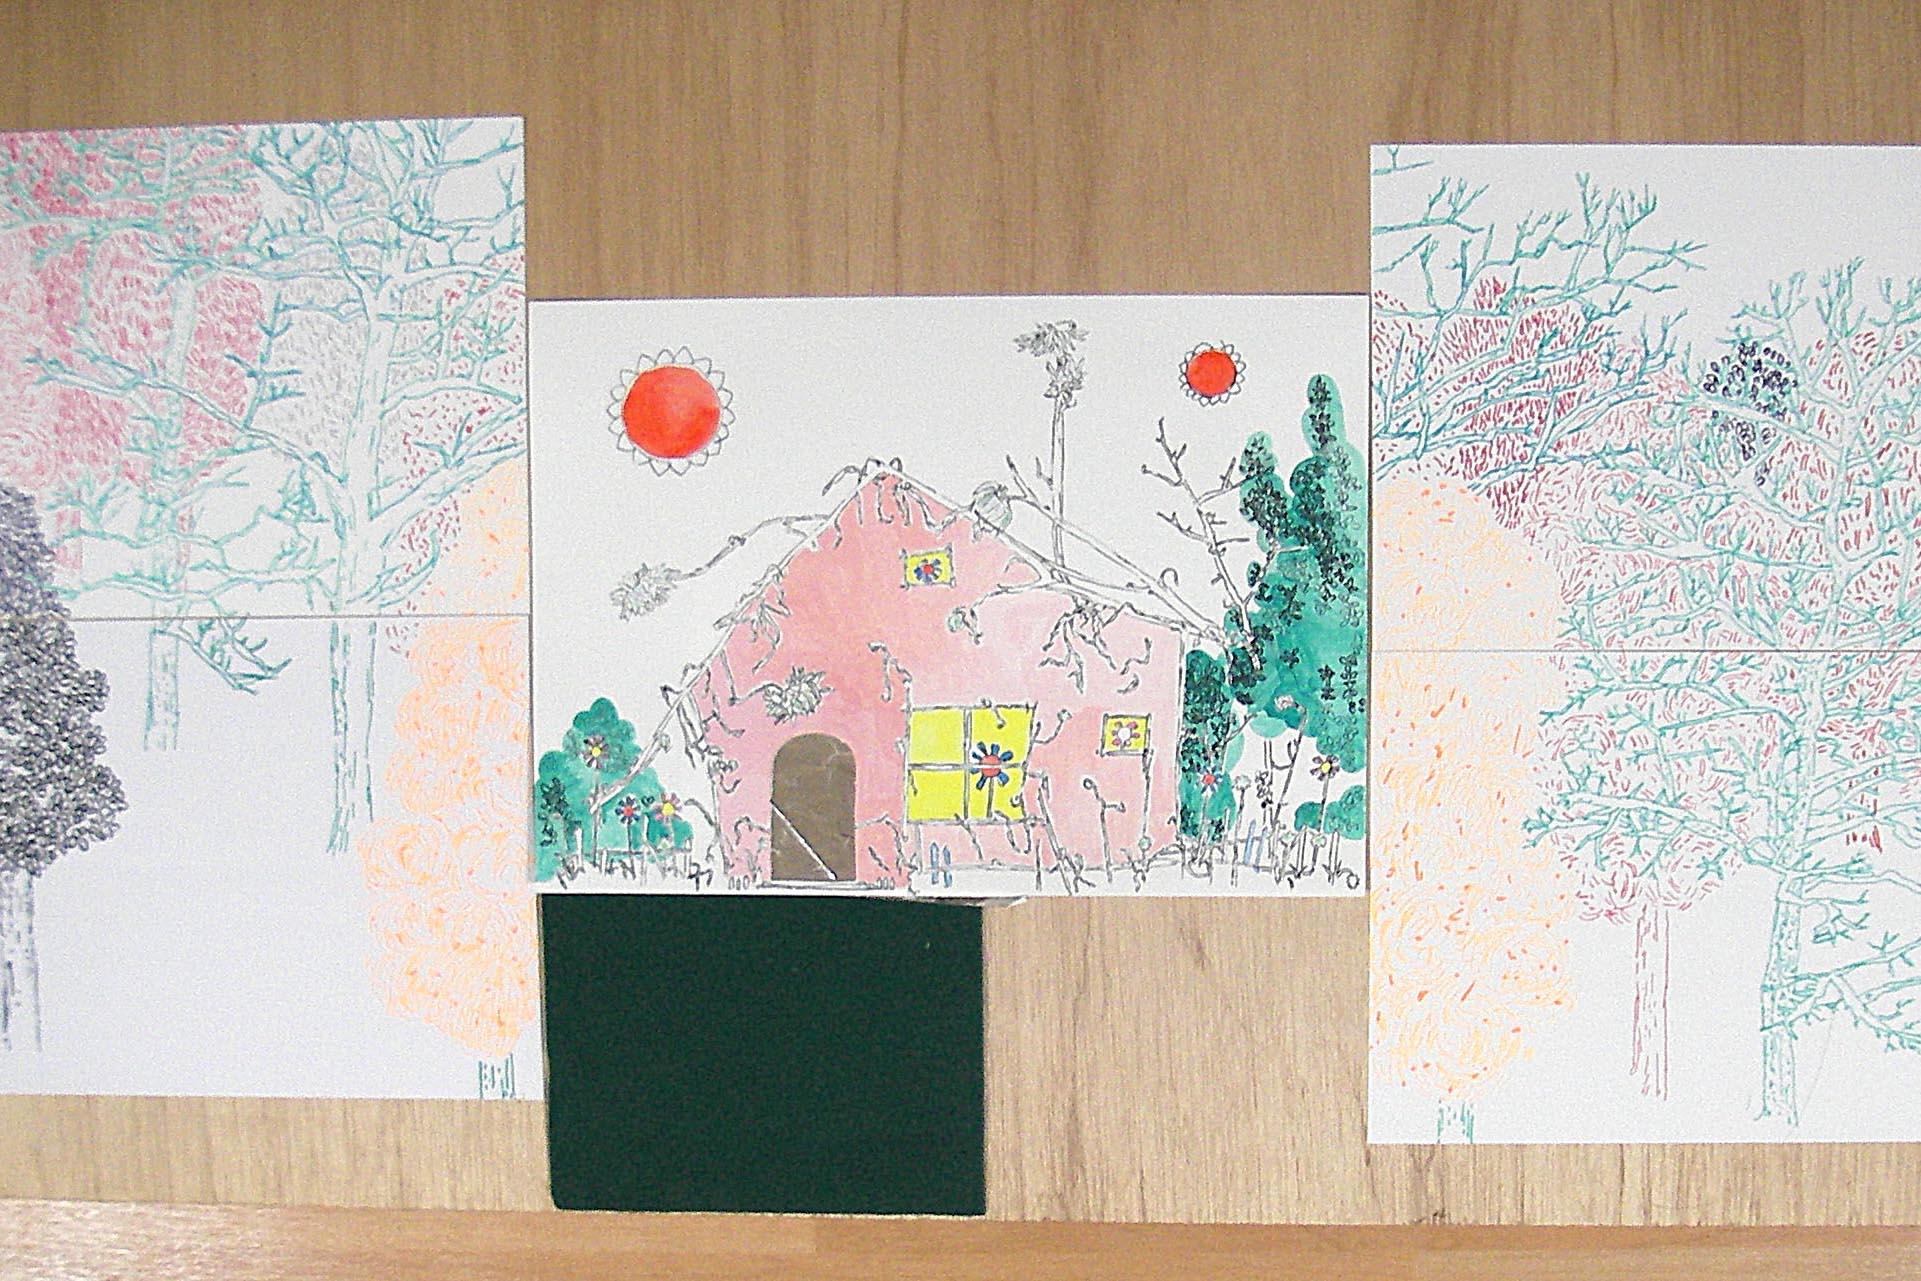 青木陵子作品《Fiction House》(圖片由香港藝術中心提供)